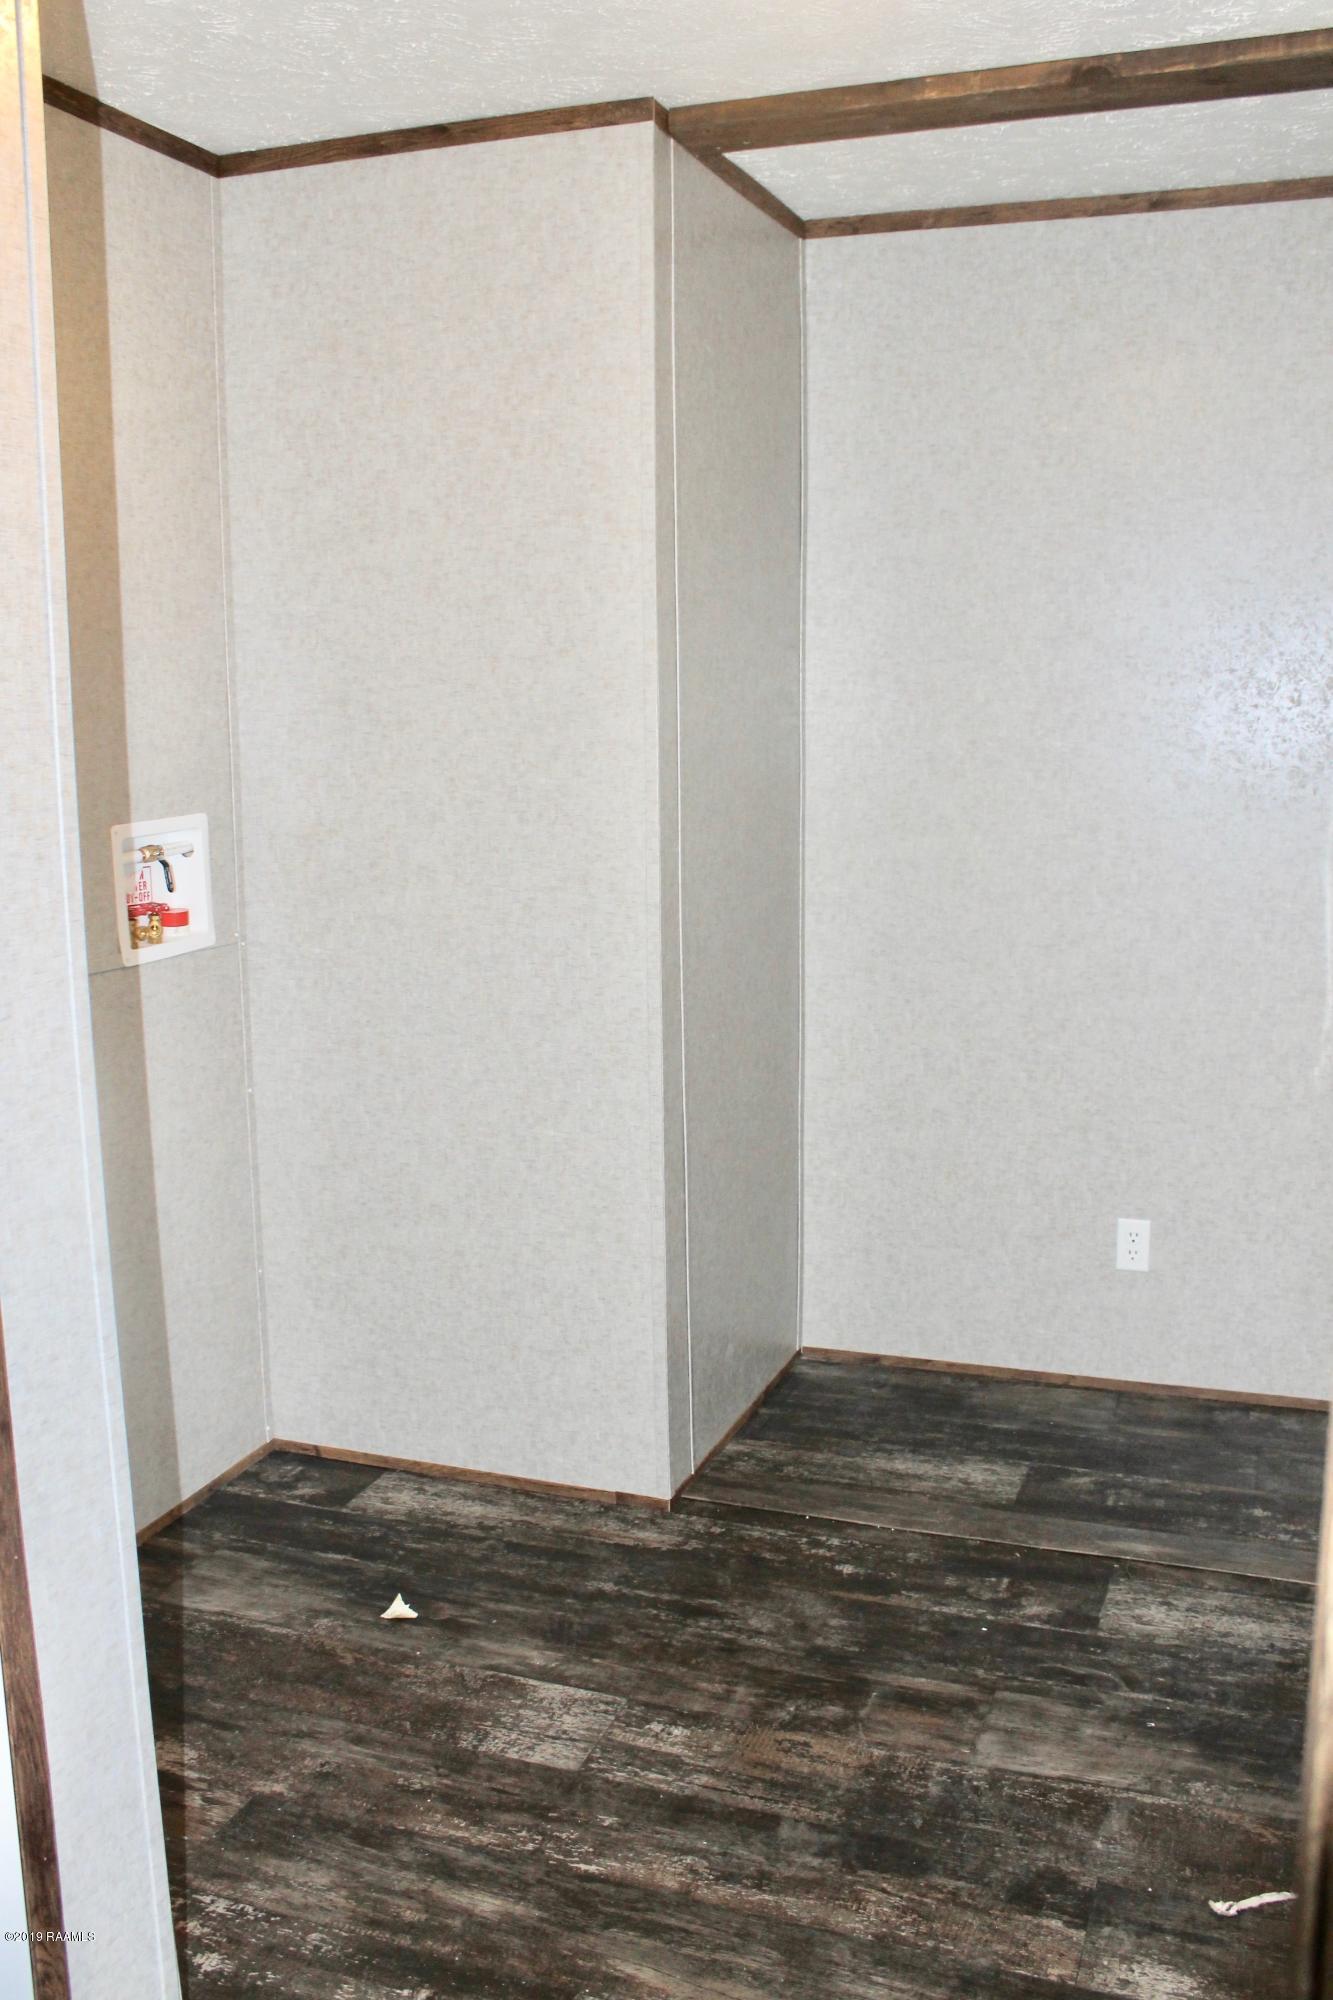 708 Hwy 357, Opelousas, LA 70570 Photo #42